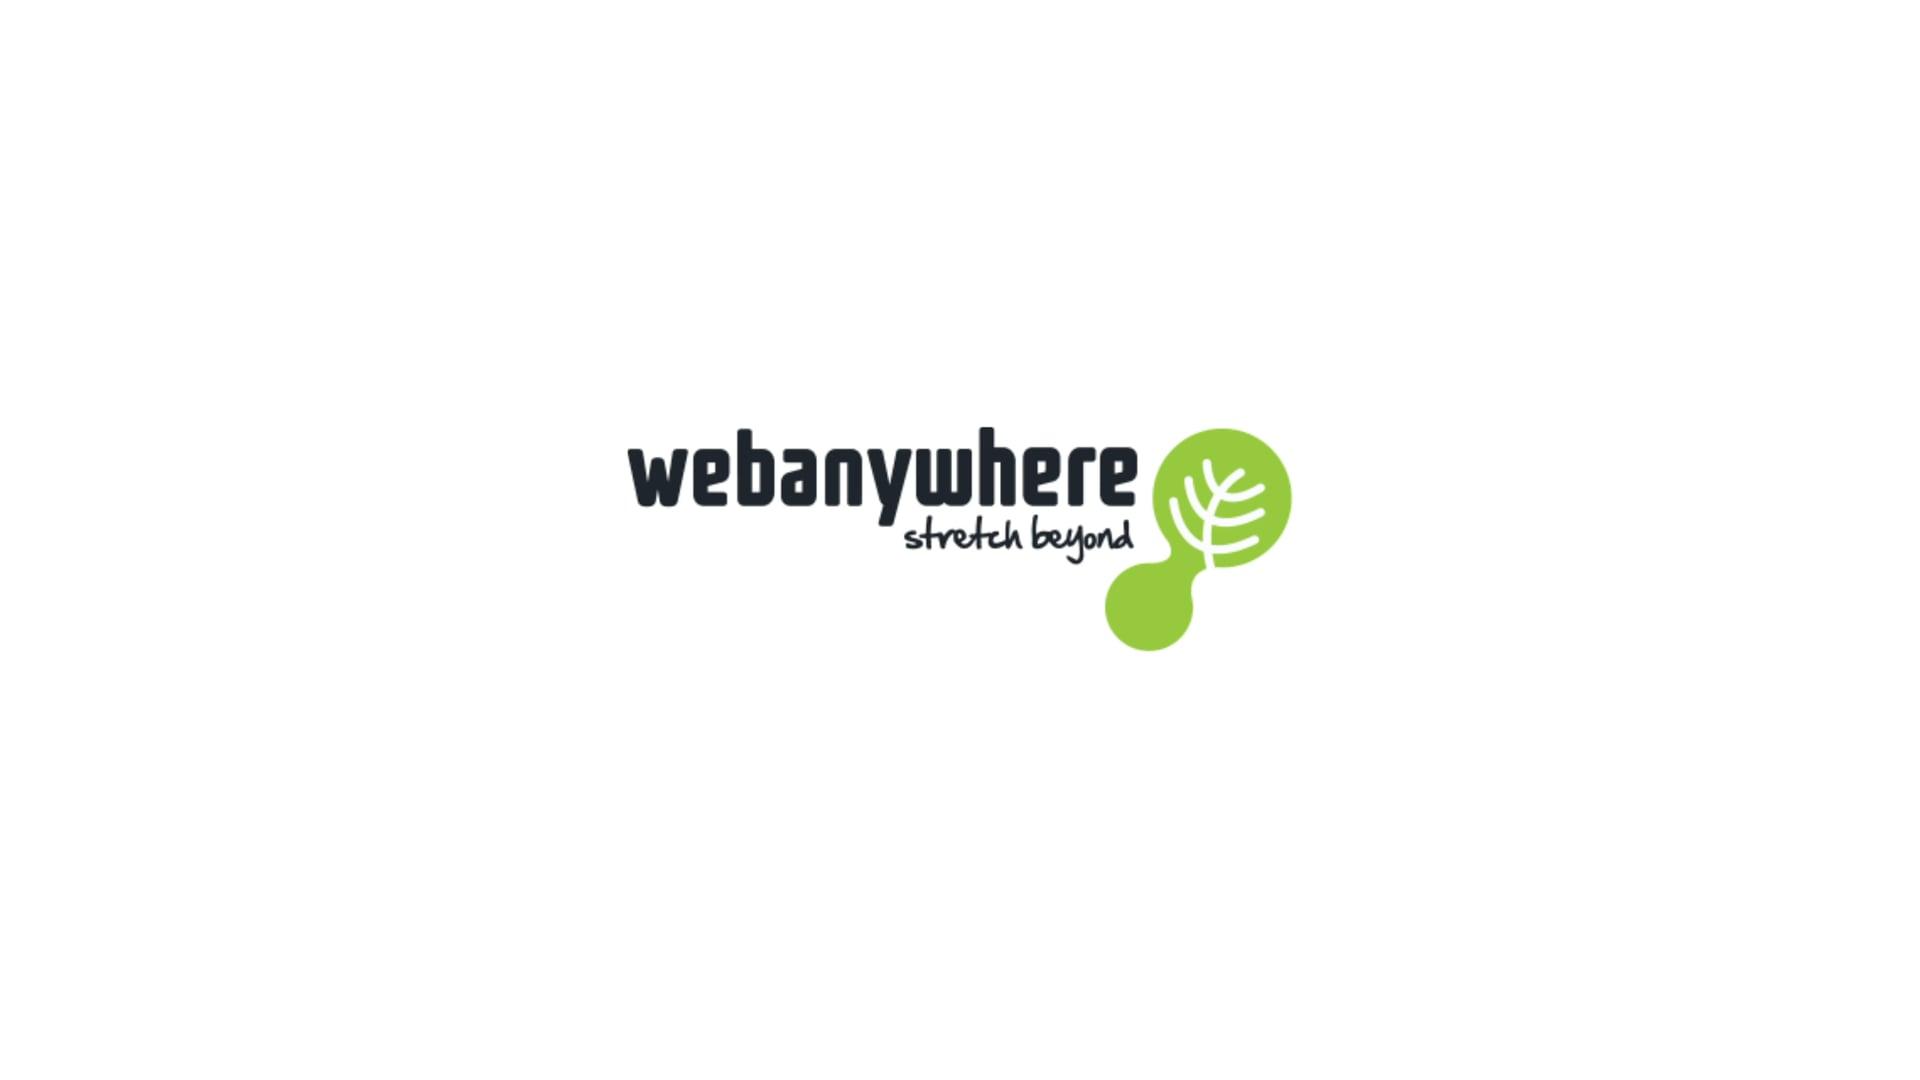 Webanywhere Brand Video